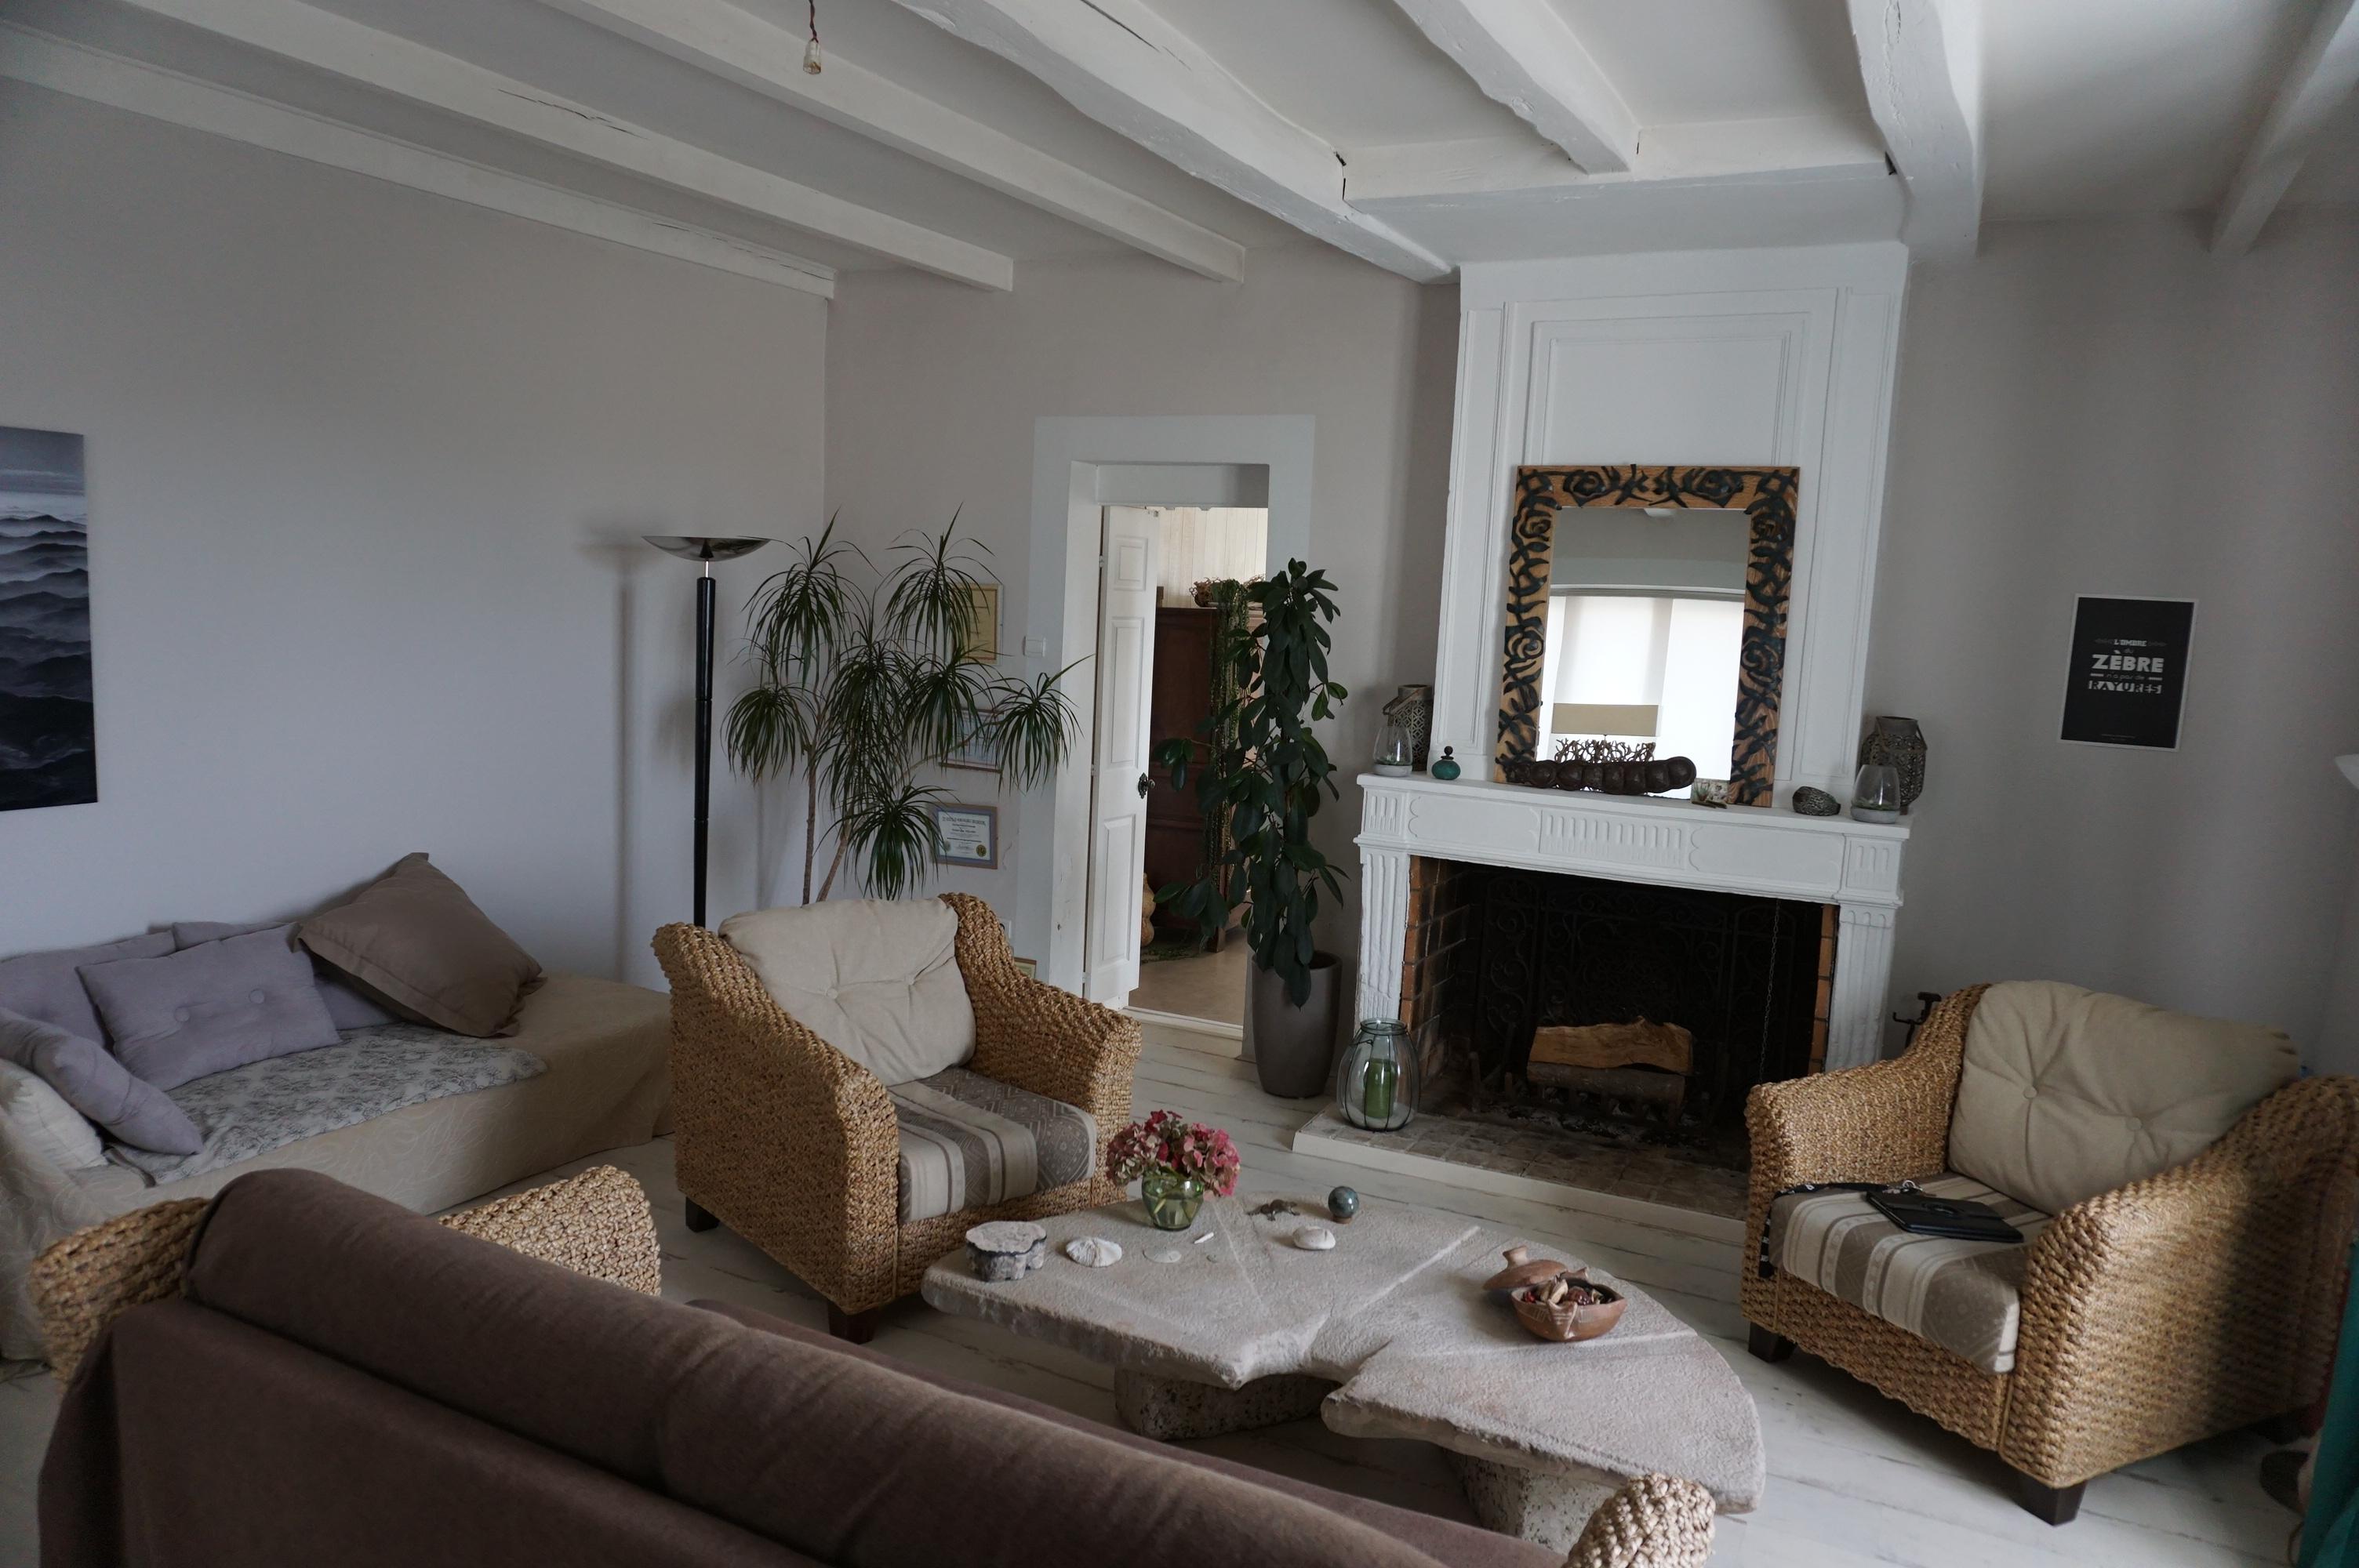 maison vendre la rochelle al immo 17. Black Bedroom Furniture Sets. Home Design Ideas